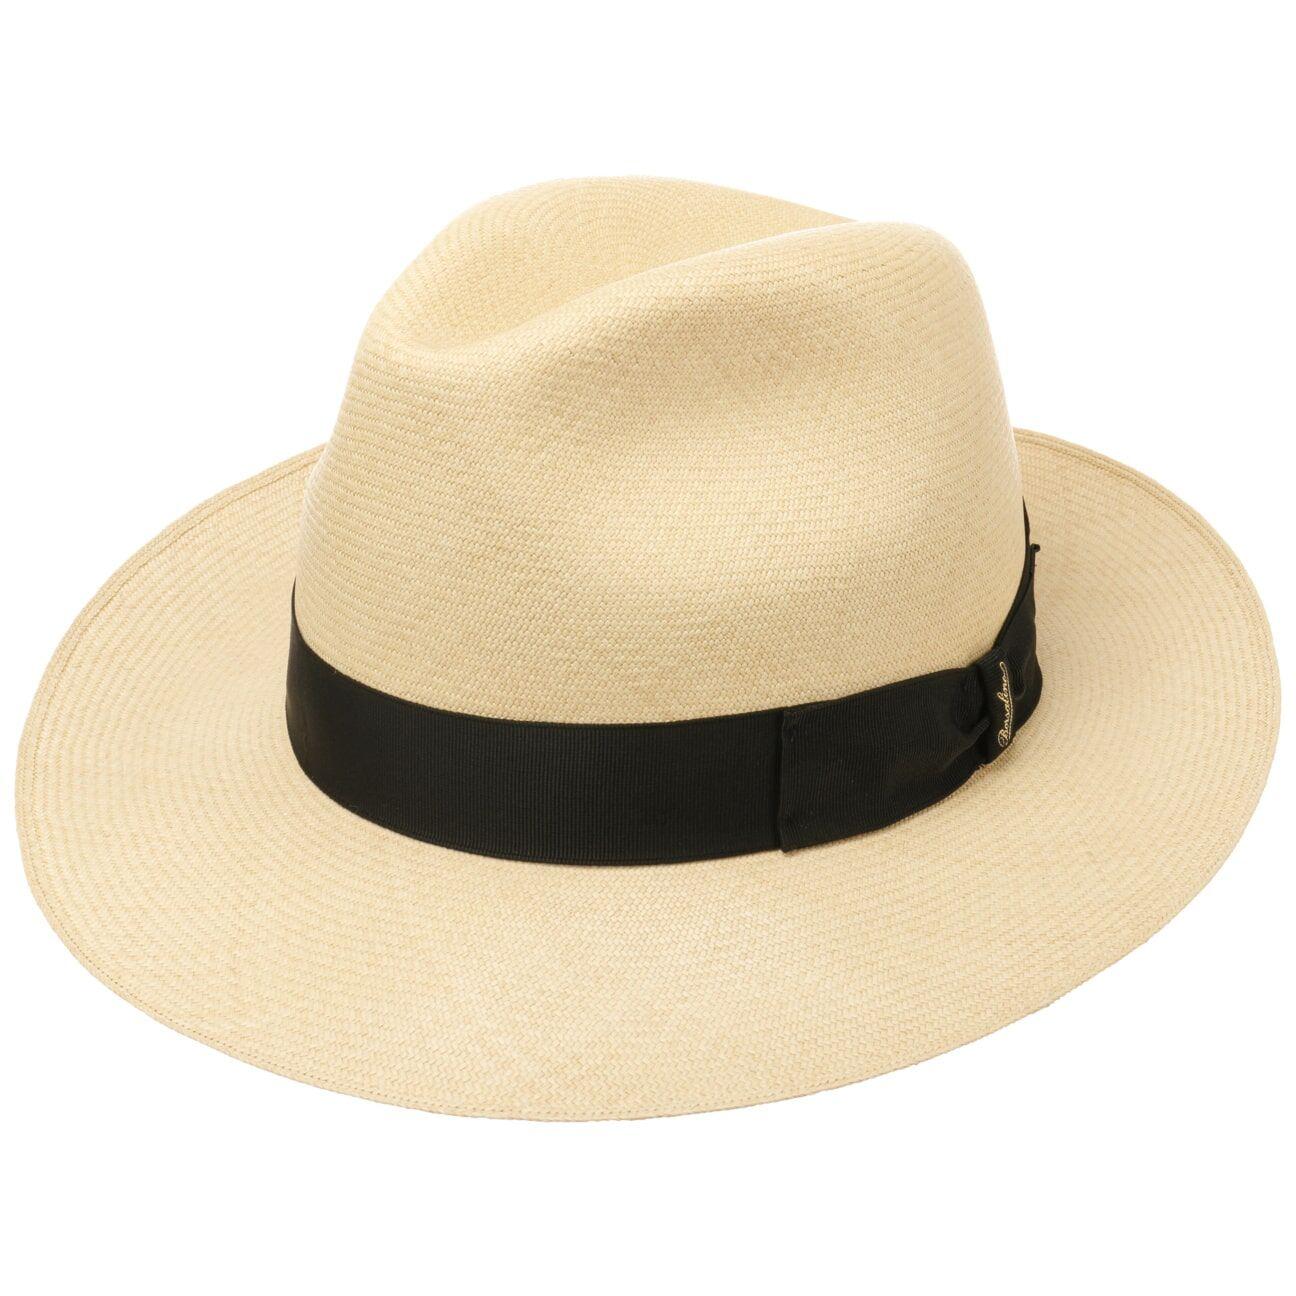 Borsalino Panama Bogart Hat Premium by Borsalino Col.  nature, size 57 cm